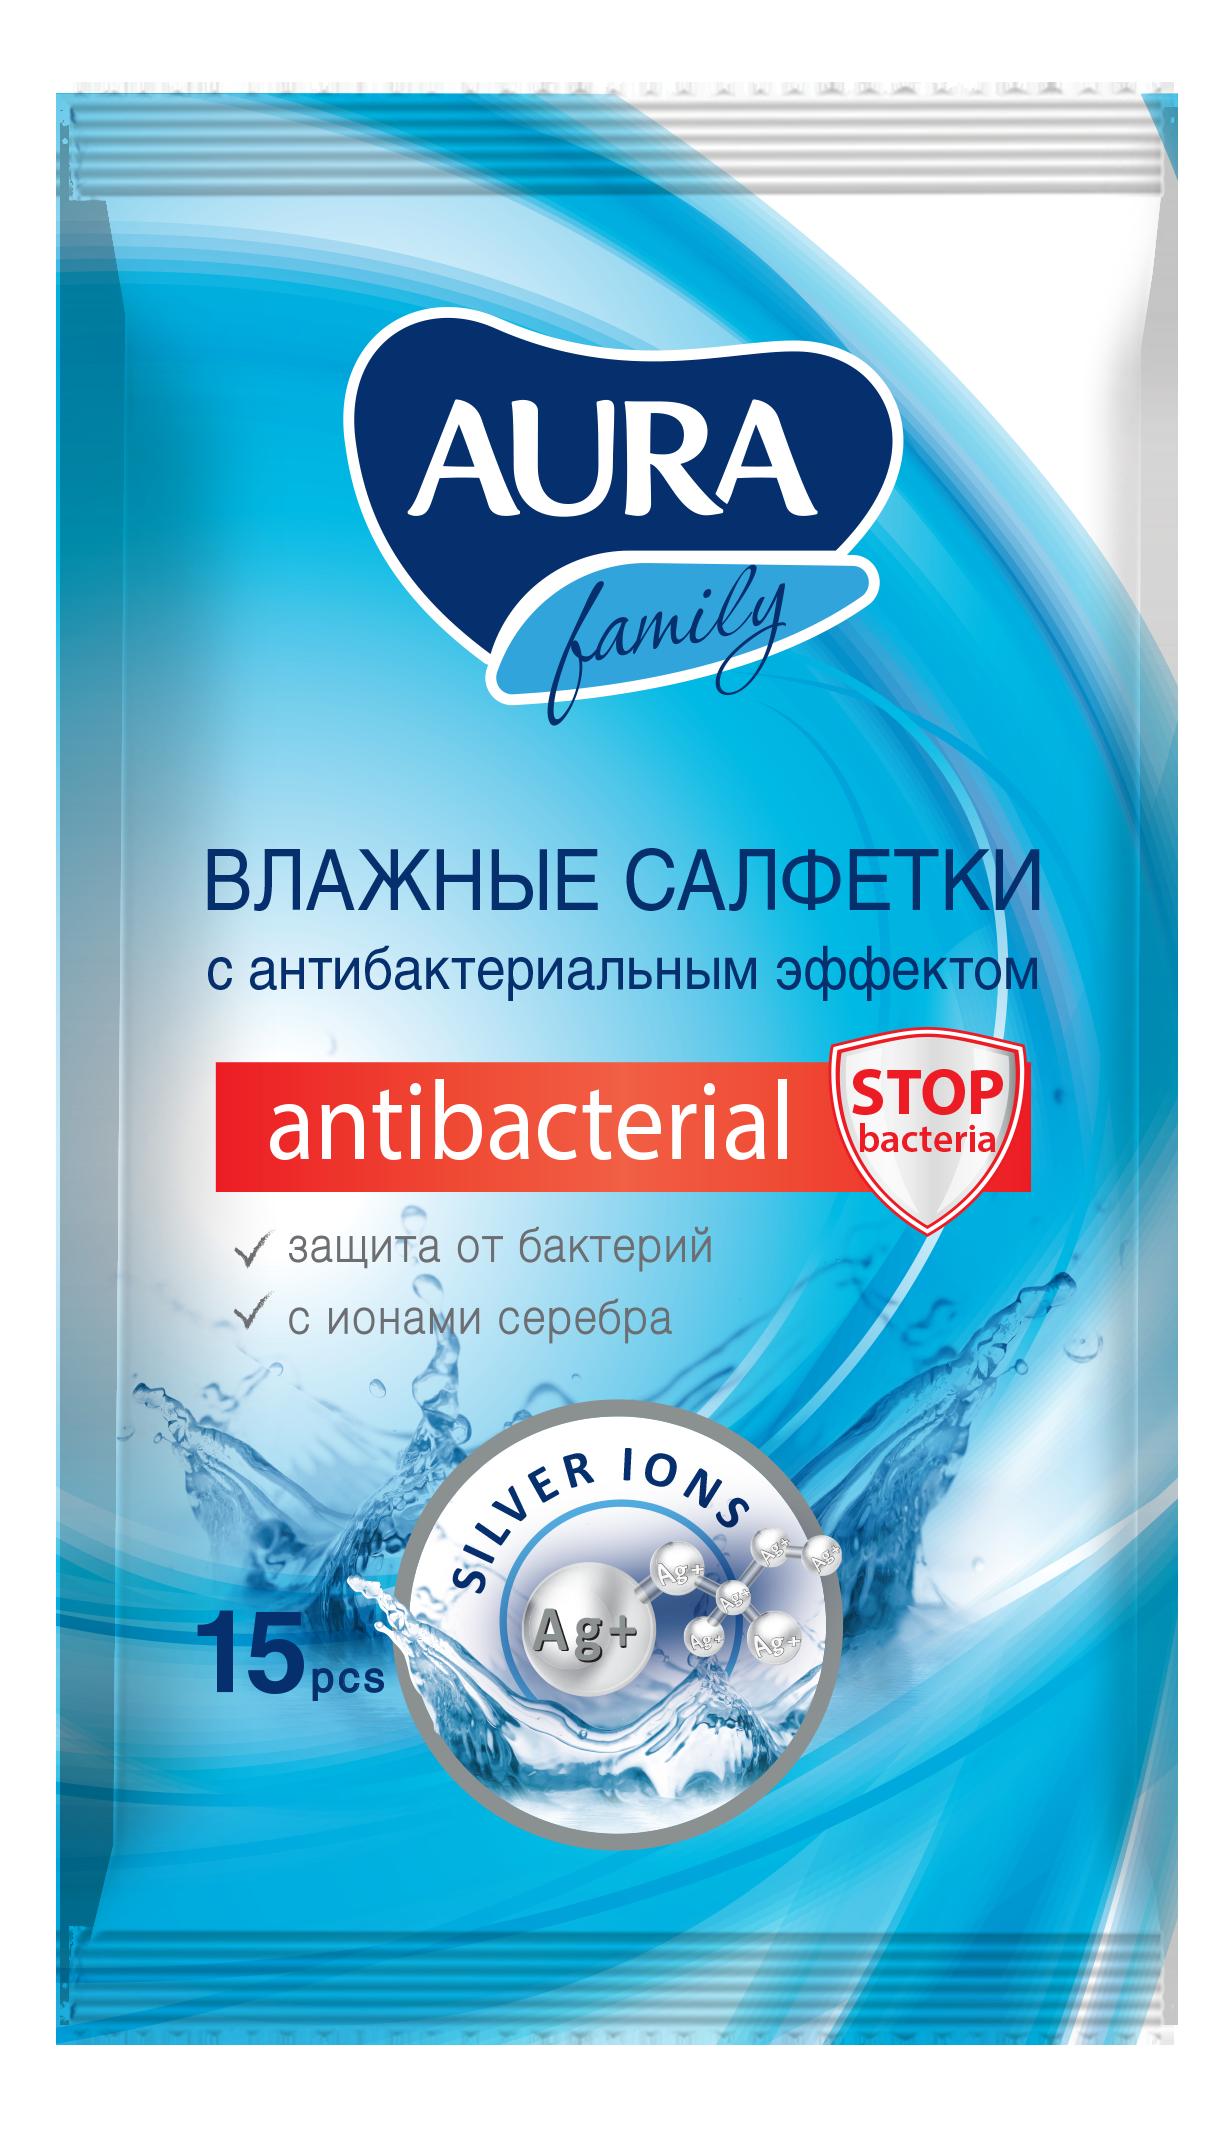 Влажные салфетки Aura Family с антибактериальным эффектом 15 шт фото